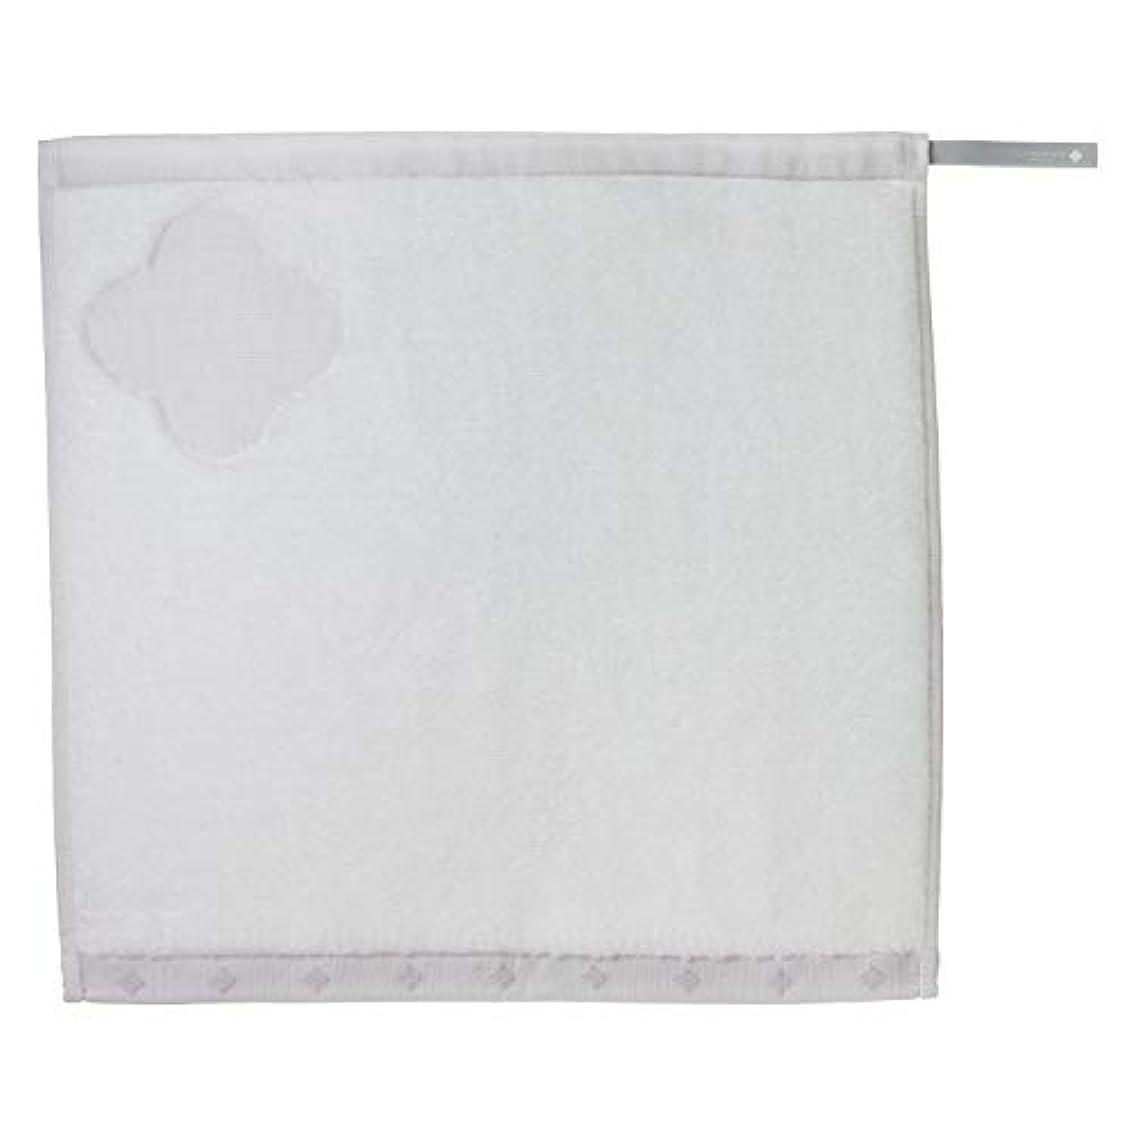 窒素外出会話型KOBAKO(コバコ) スチーム洗顔タオル